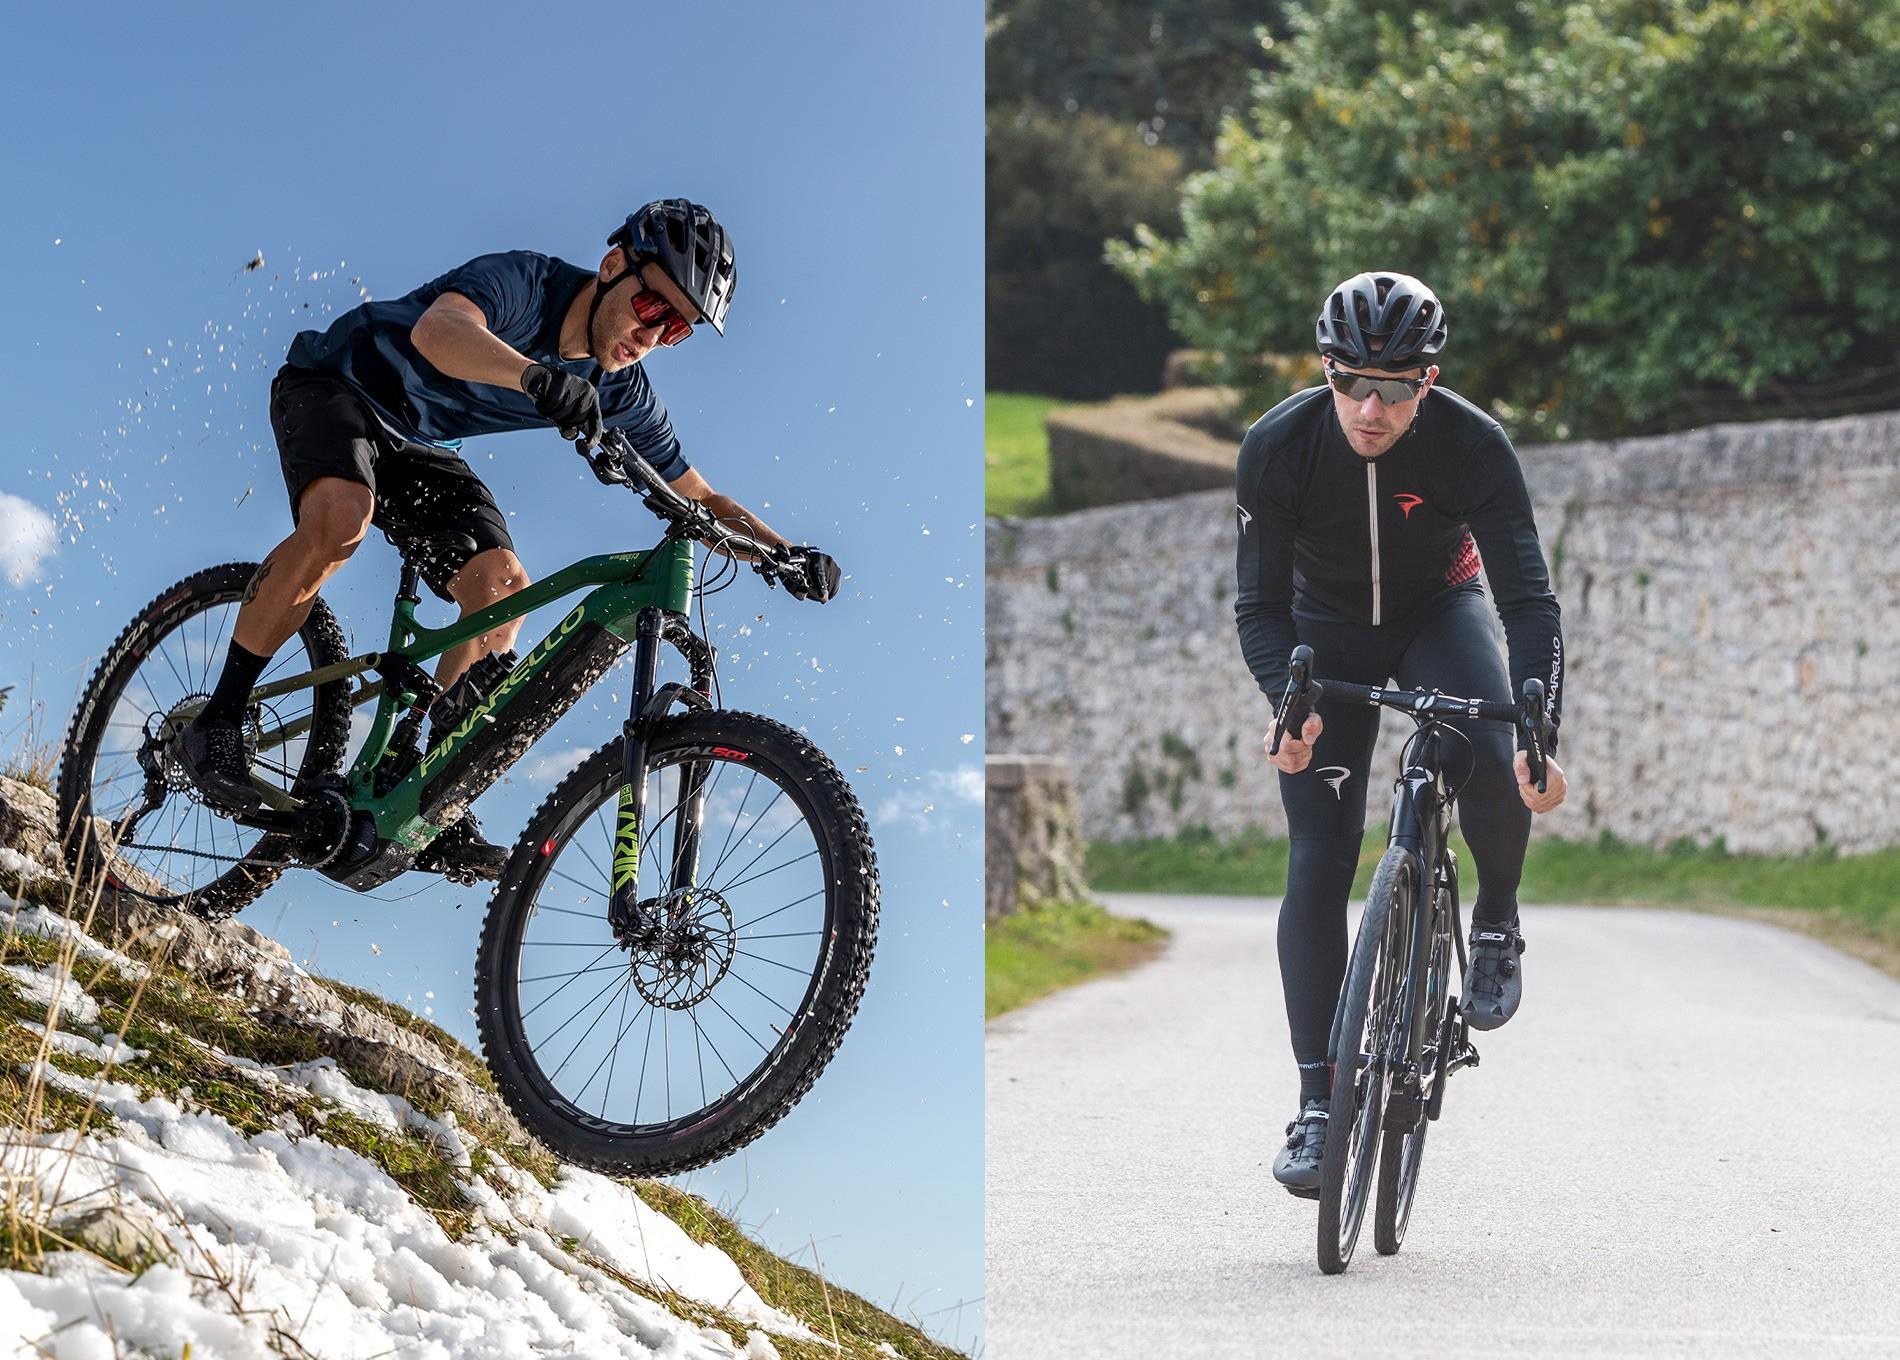 The New Pinarello E-bike range